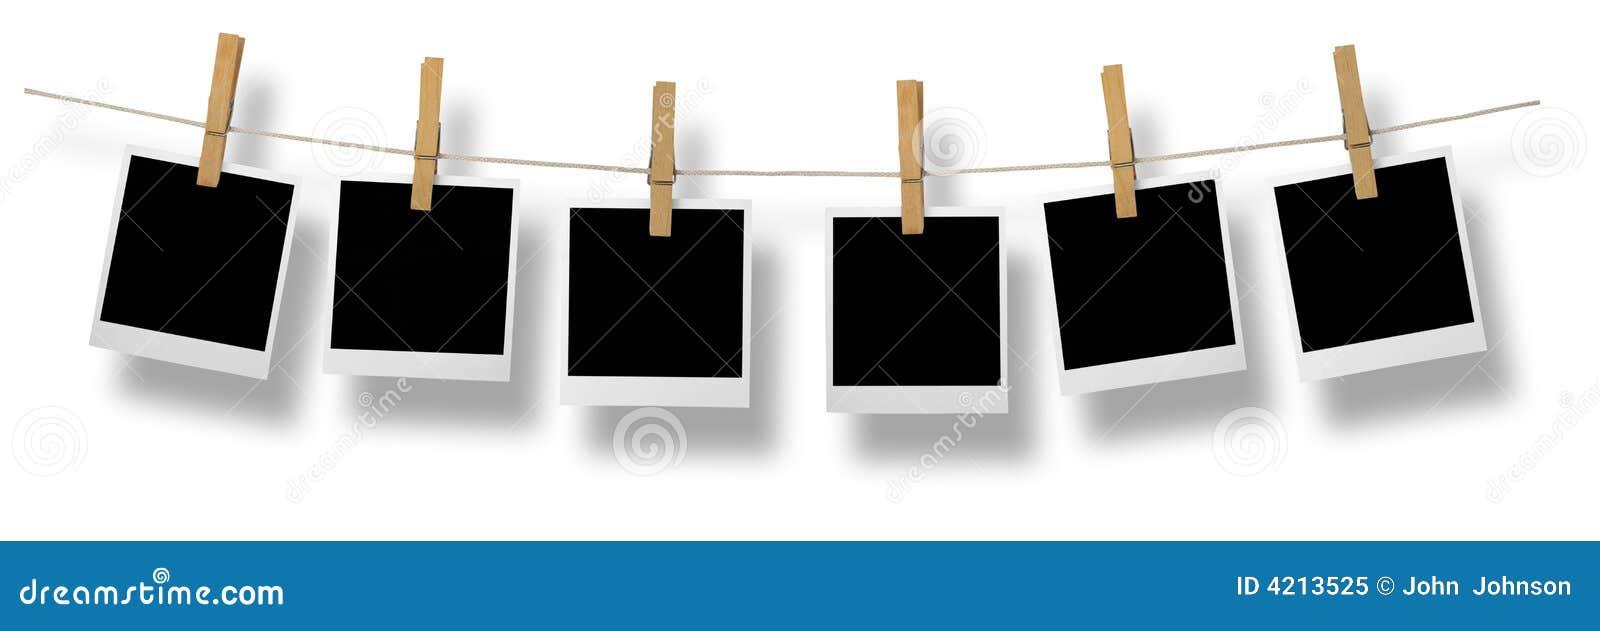 Die Bilder -> Polaroid Frame-Hintergrund